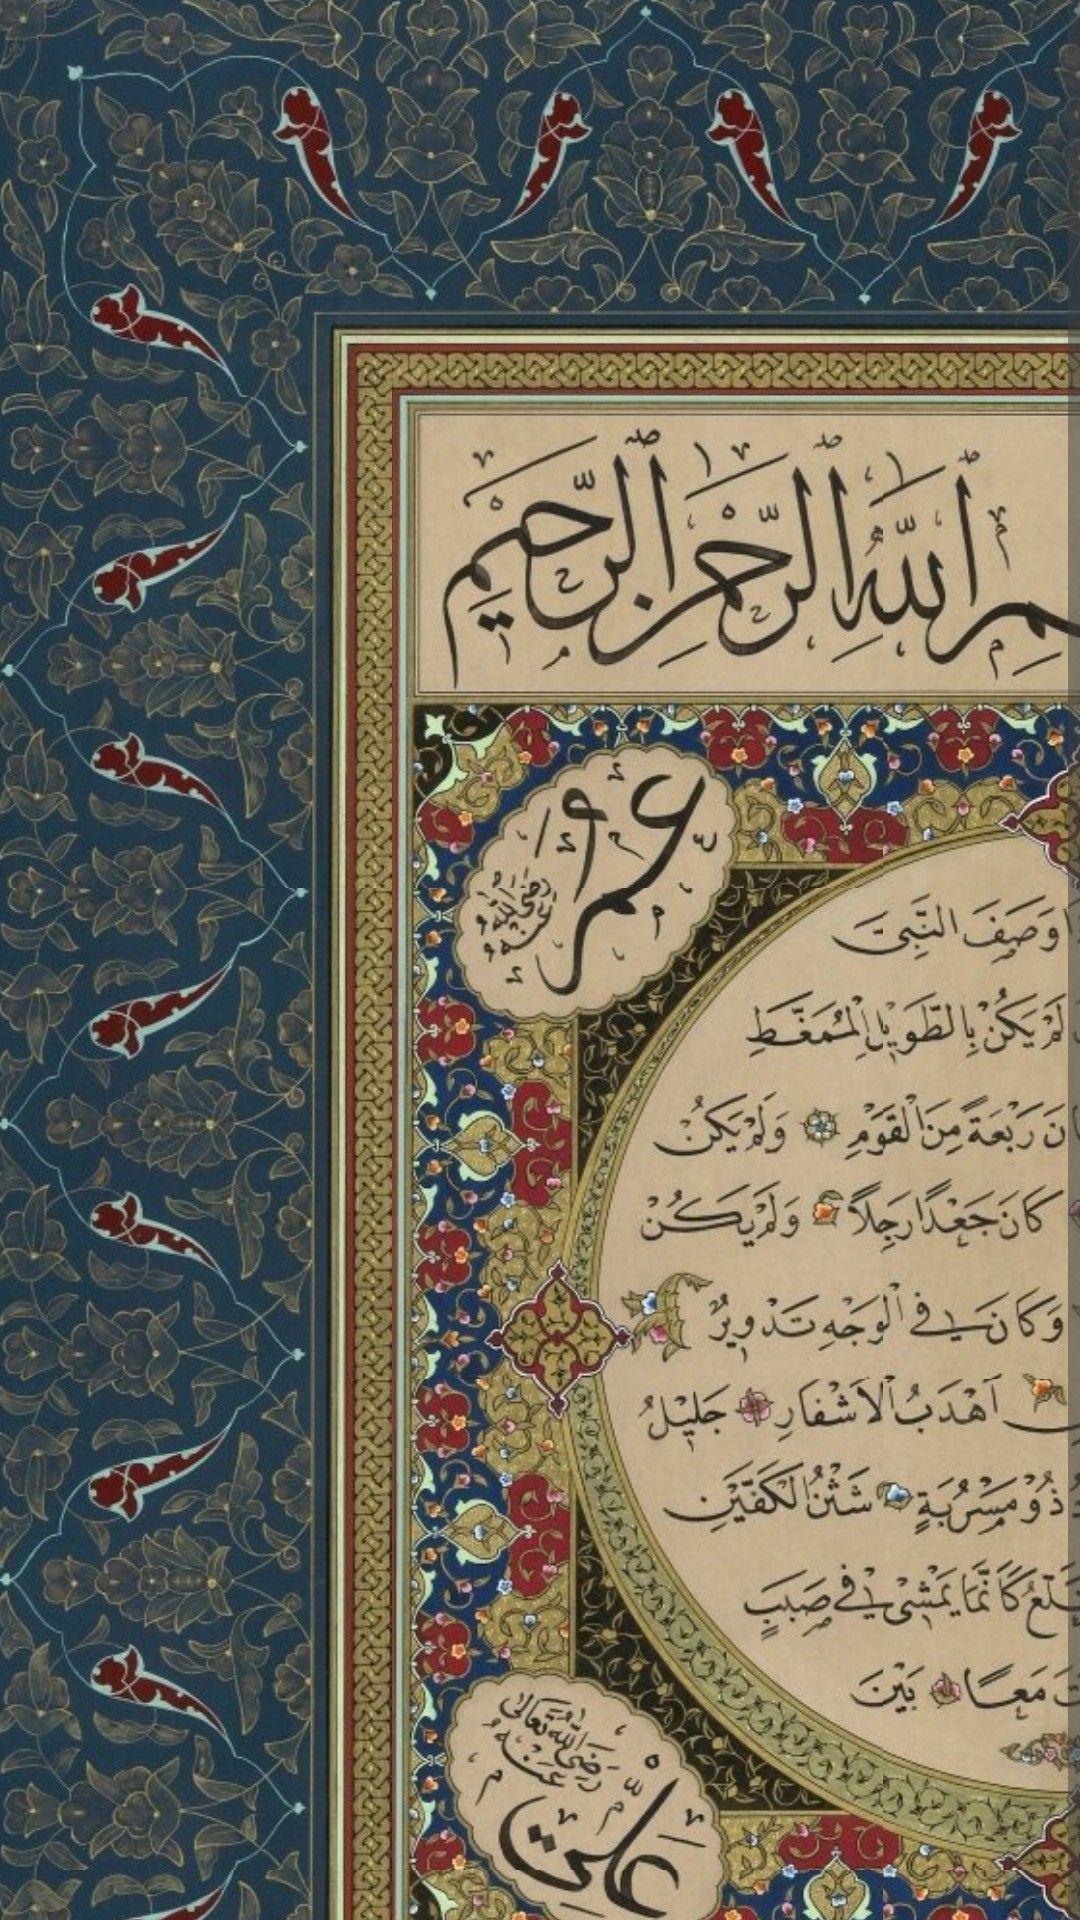 Pin By مليكق On D Islamische Kunst In 2020 Art Drawings Art Drawings